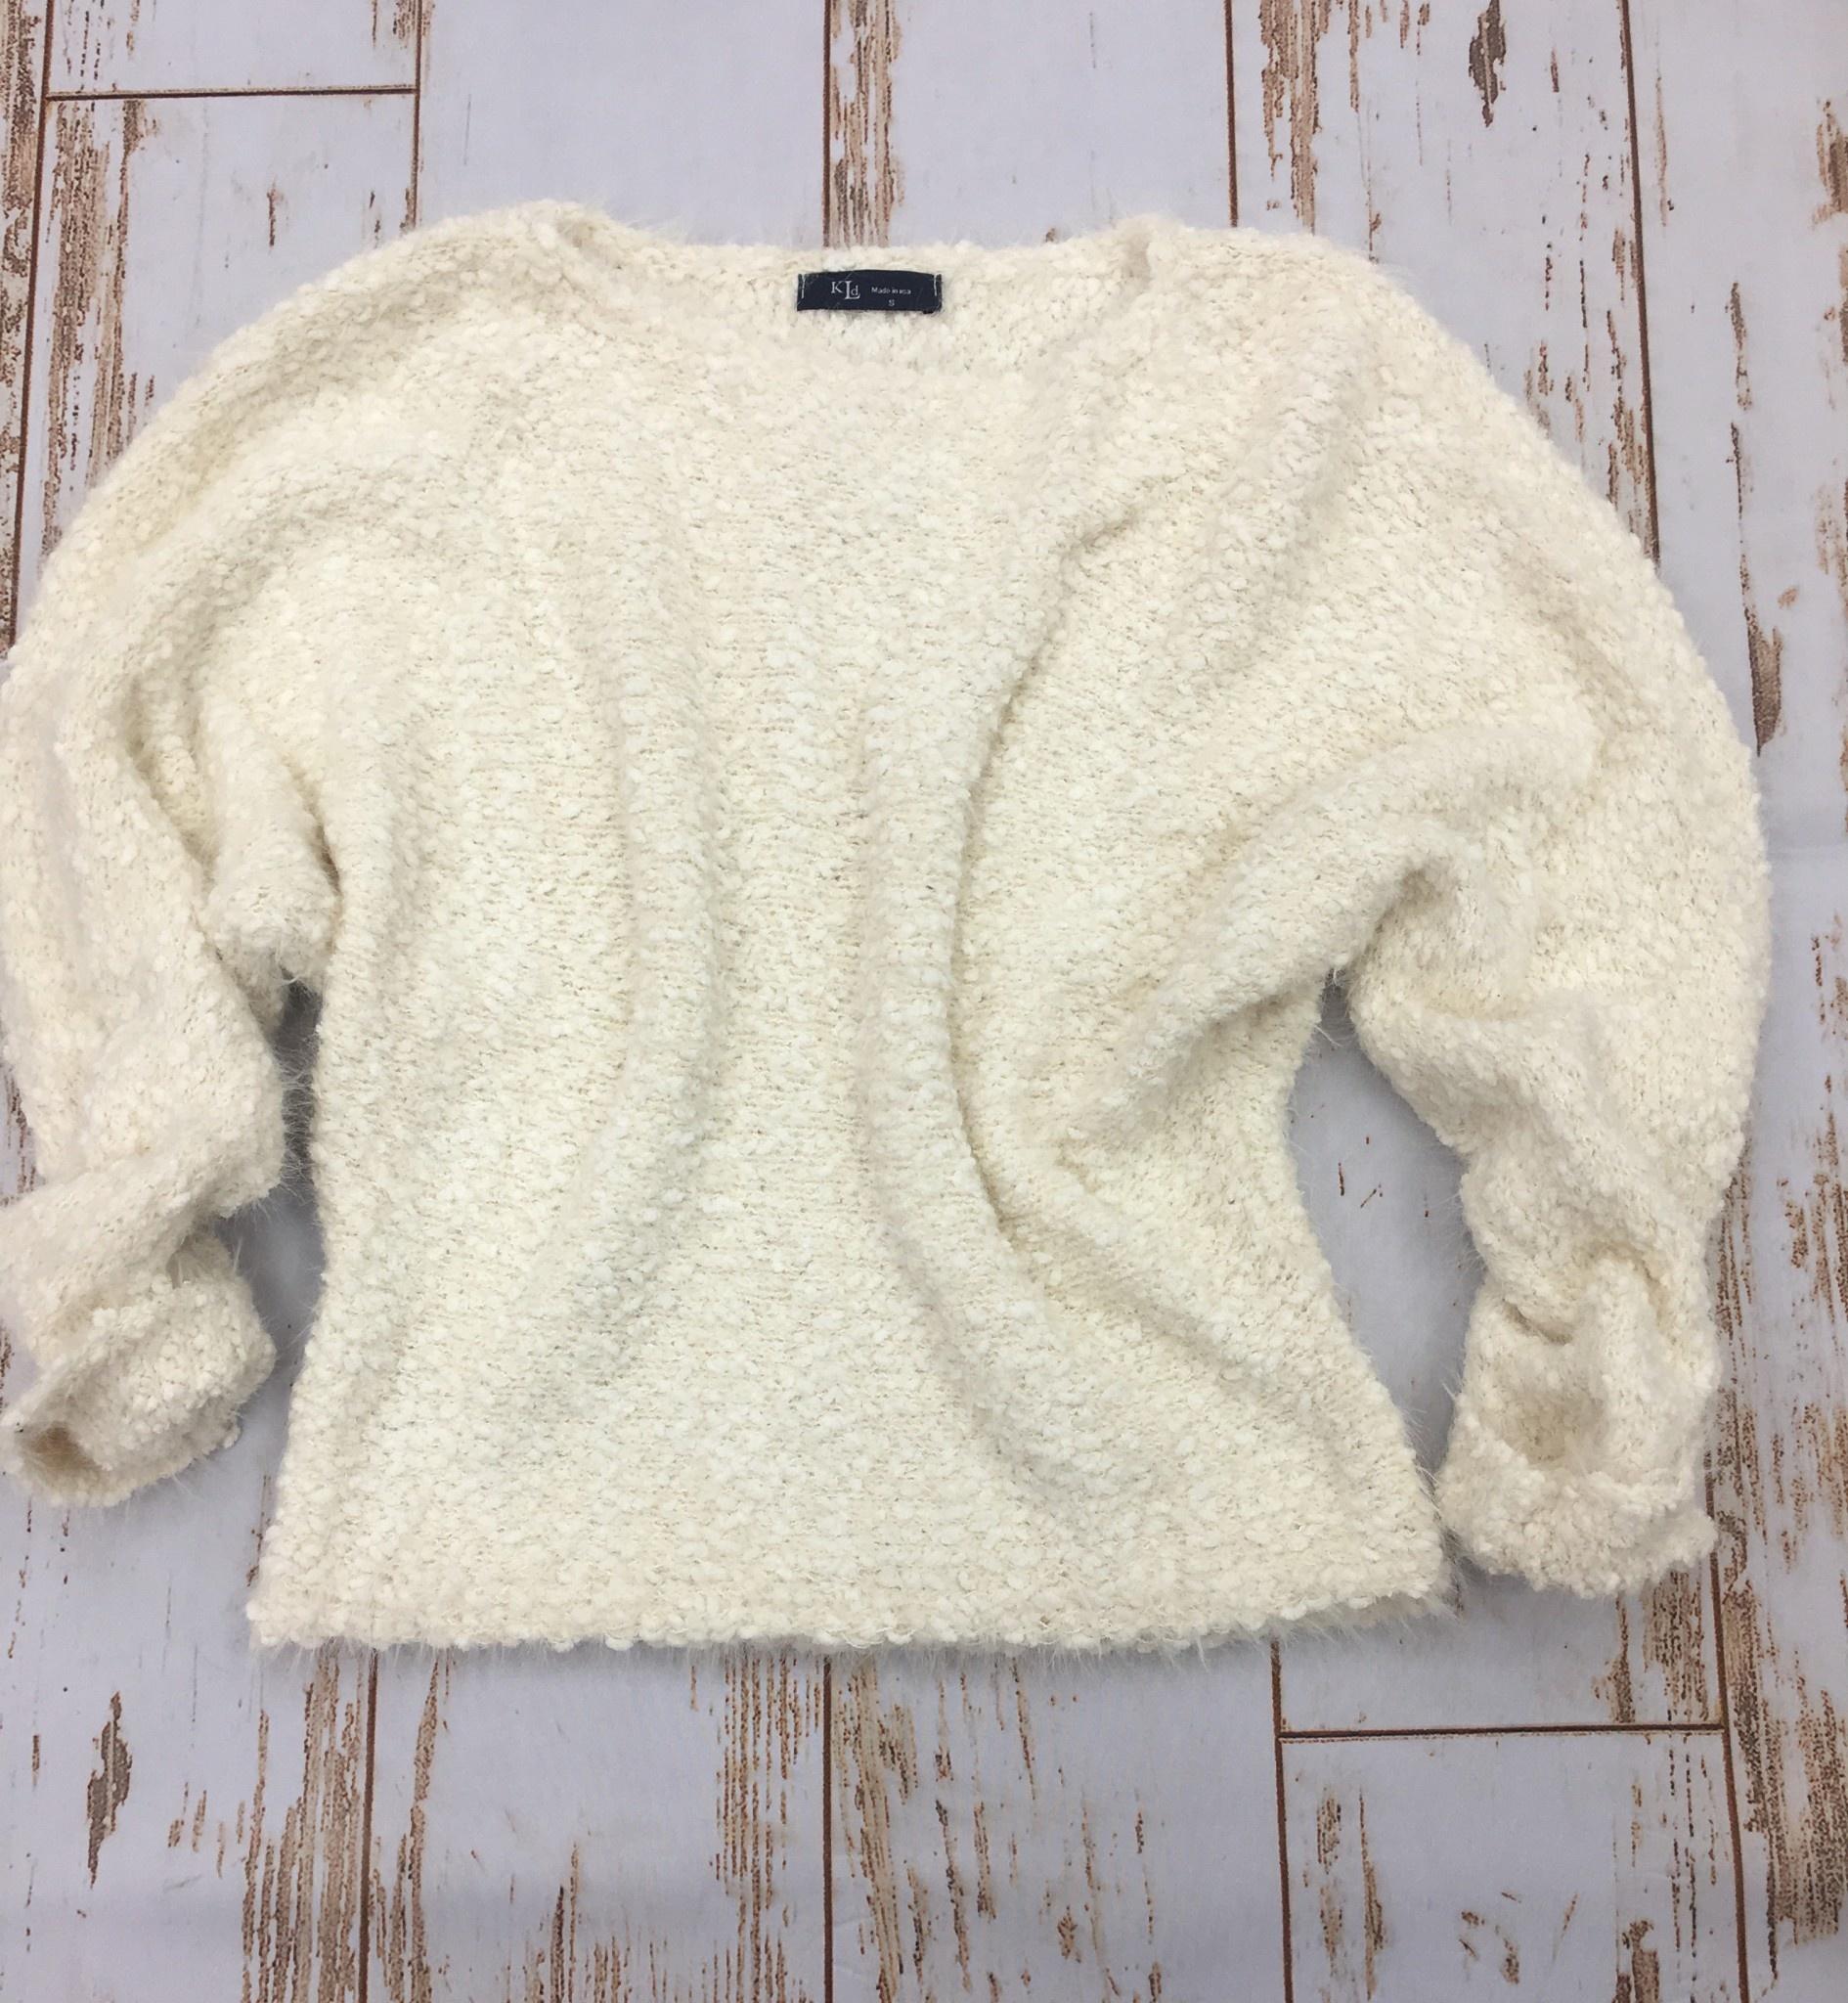 KLD Ivory Fuzzy Sweater